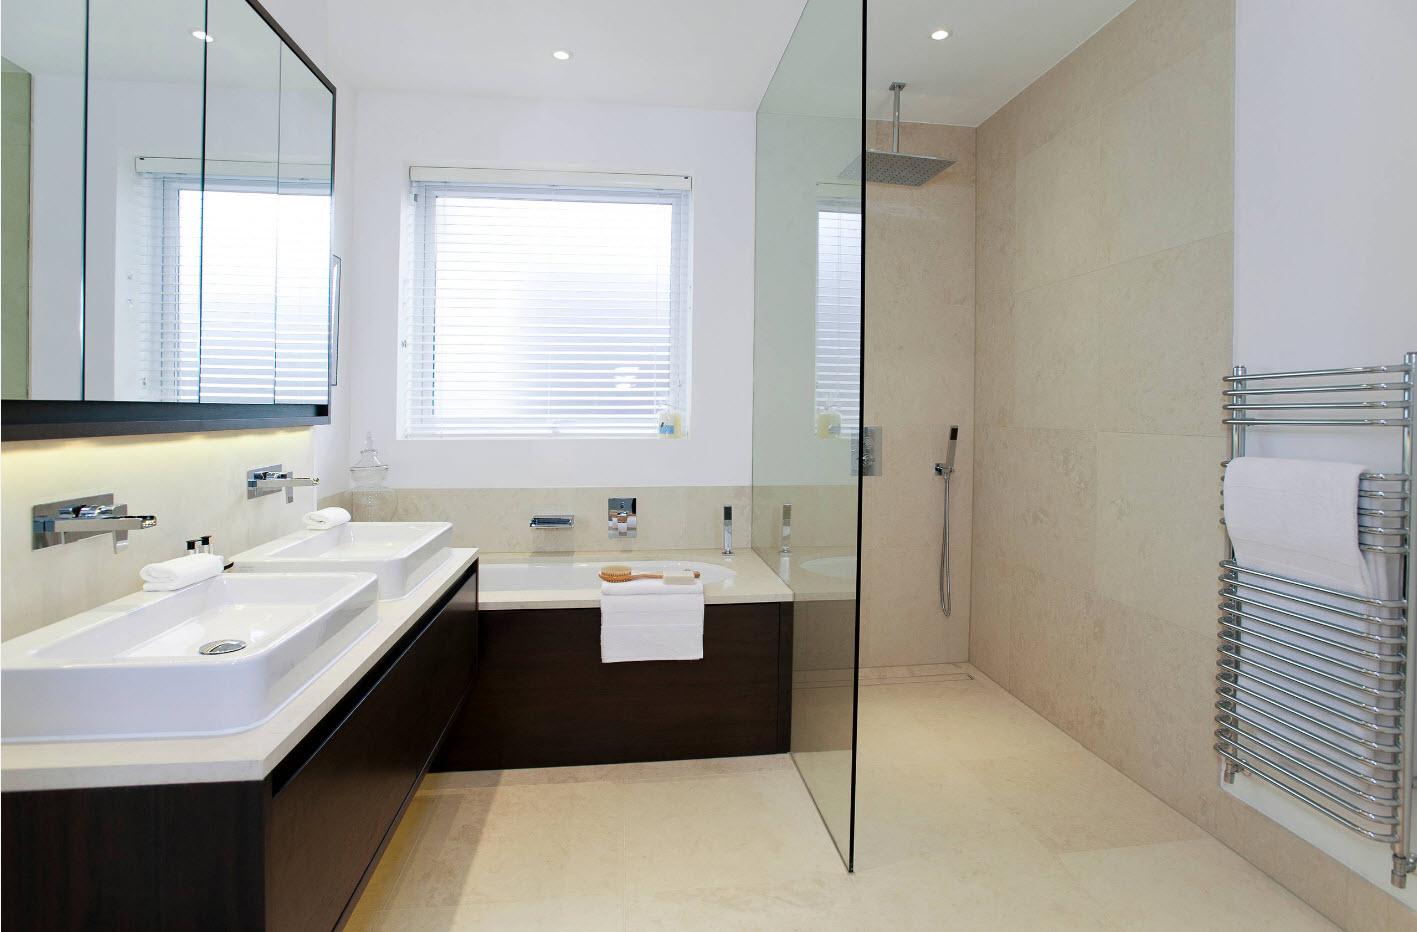 100 лучших идей: современный дизайн ванной комнаты 2019 на